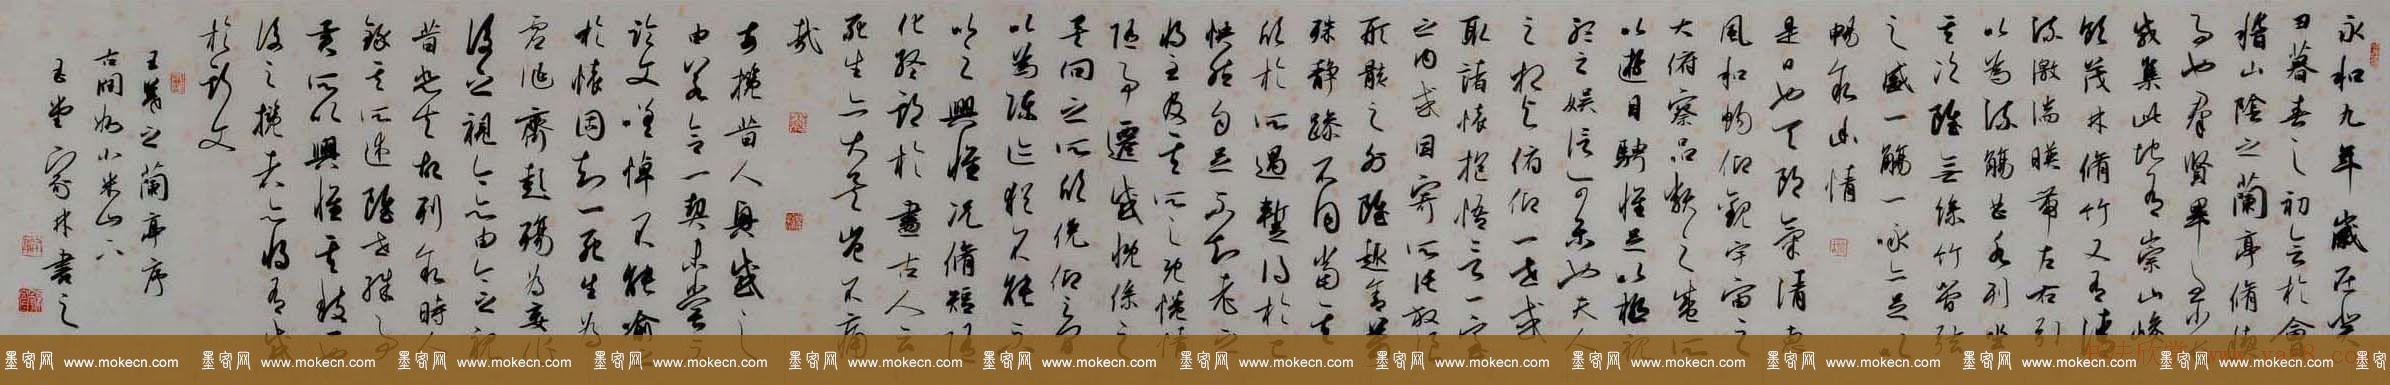 宇文家林书法手卷王羲之兰亭序